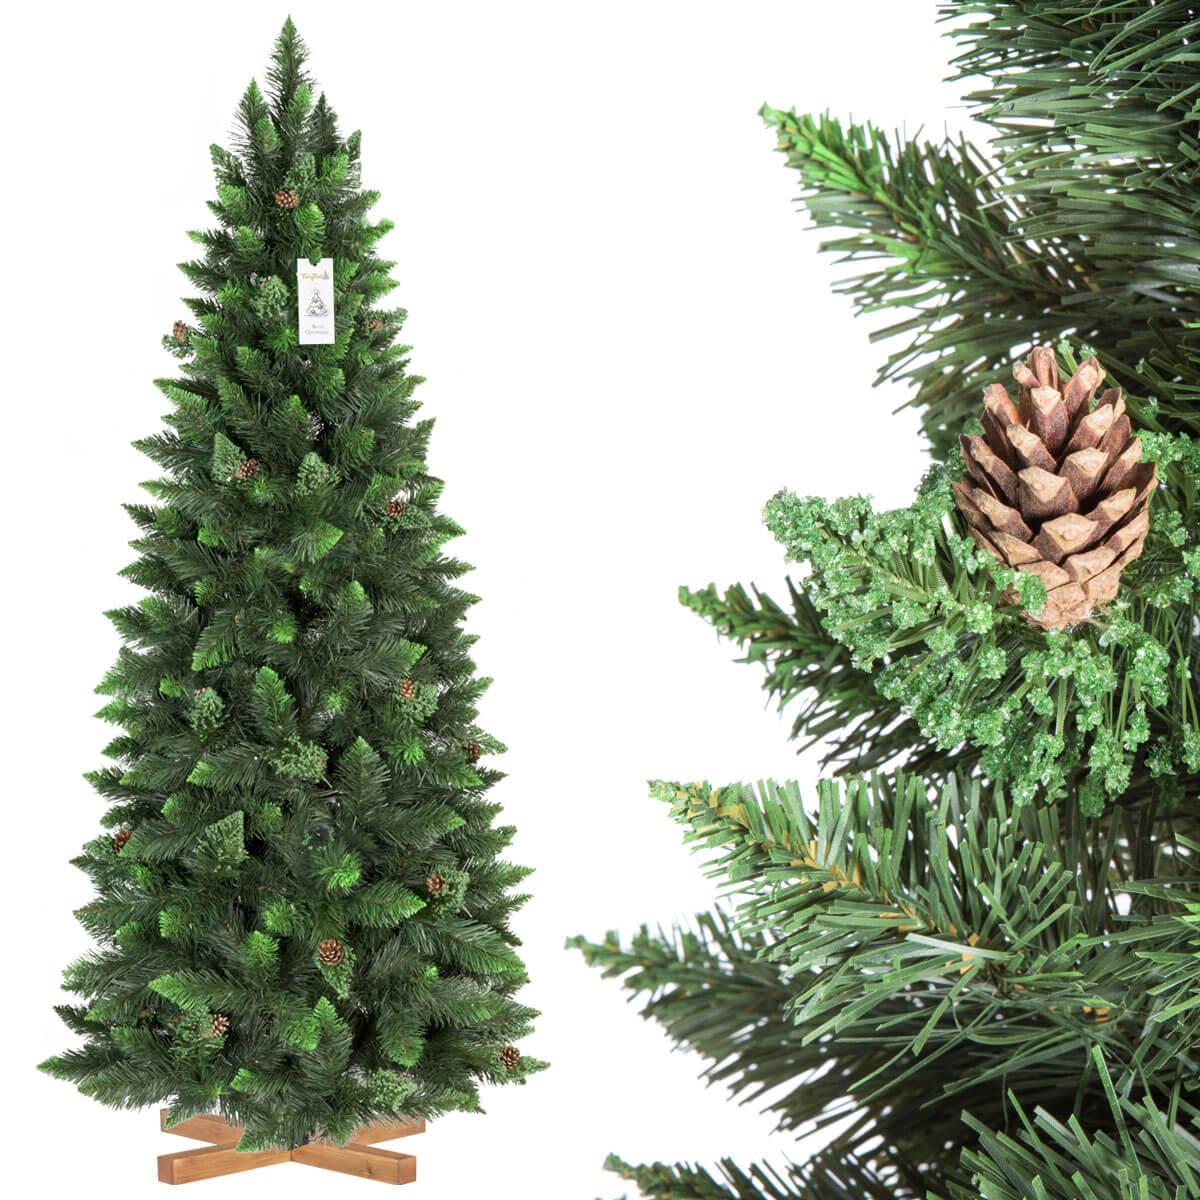 Idą Święta, szanuj las. Dlaczego sztuczna choinka jest lepsza niż prawdziwa? 4